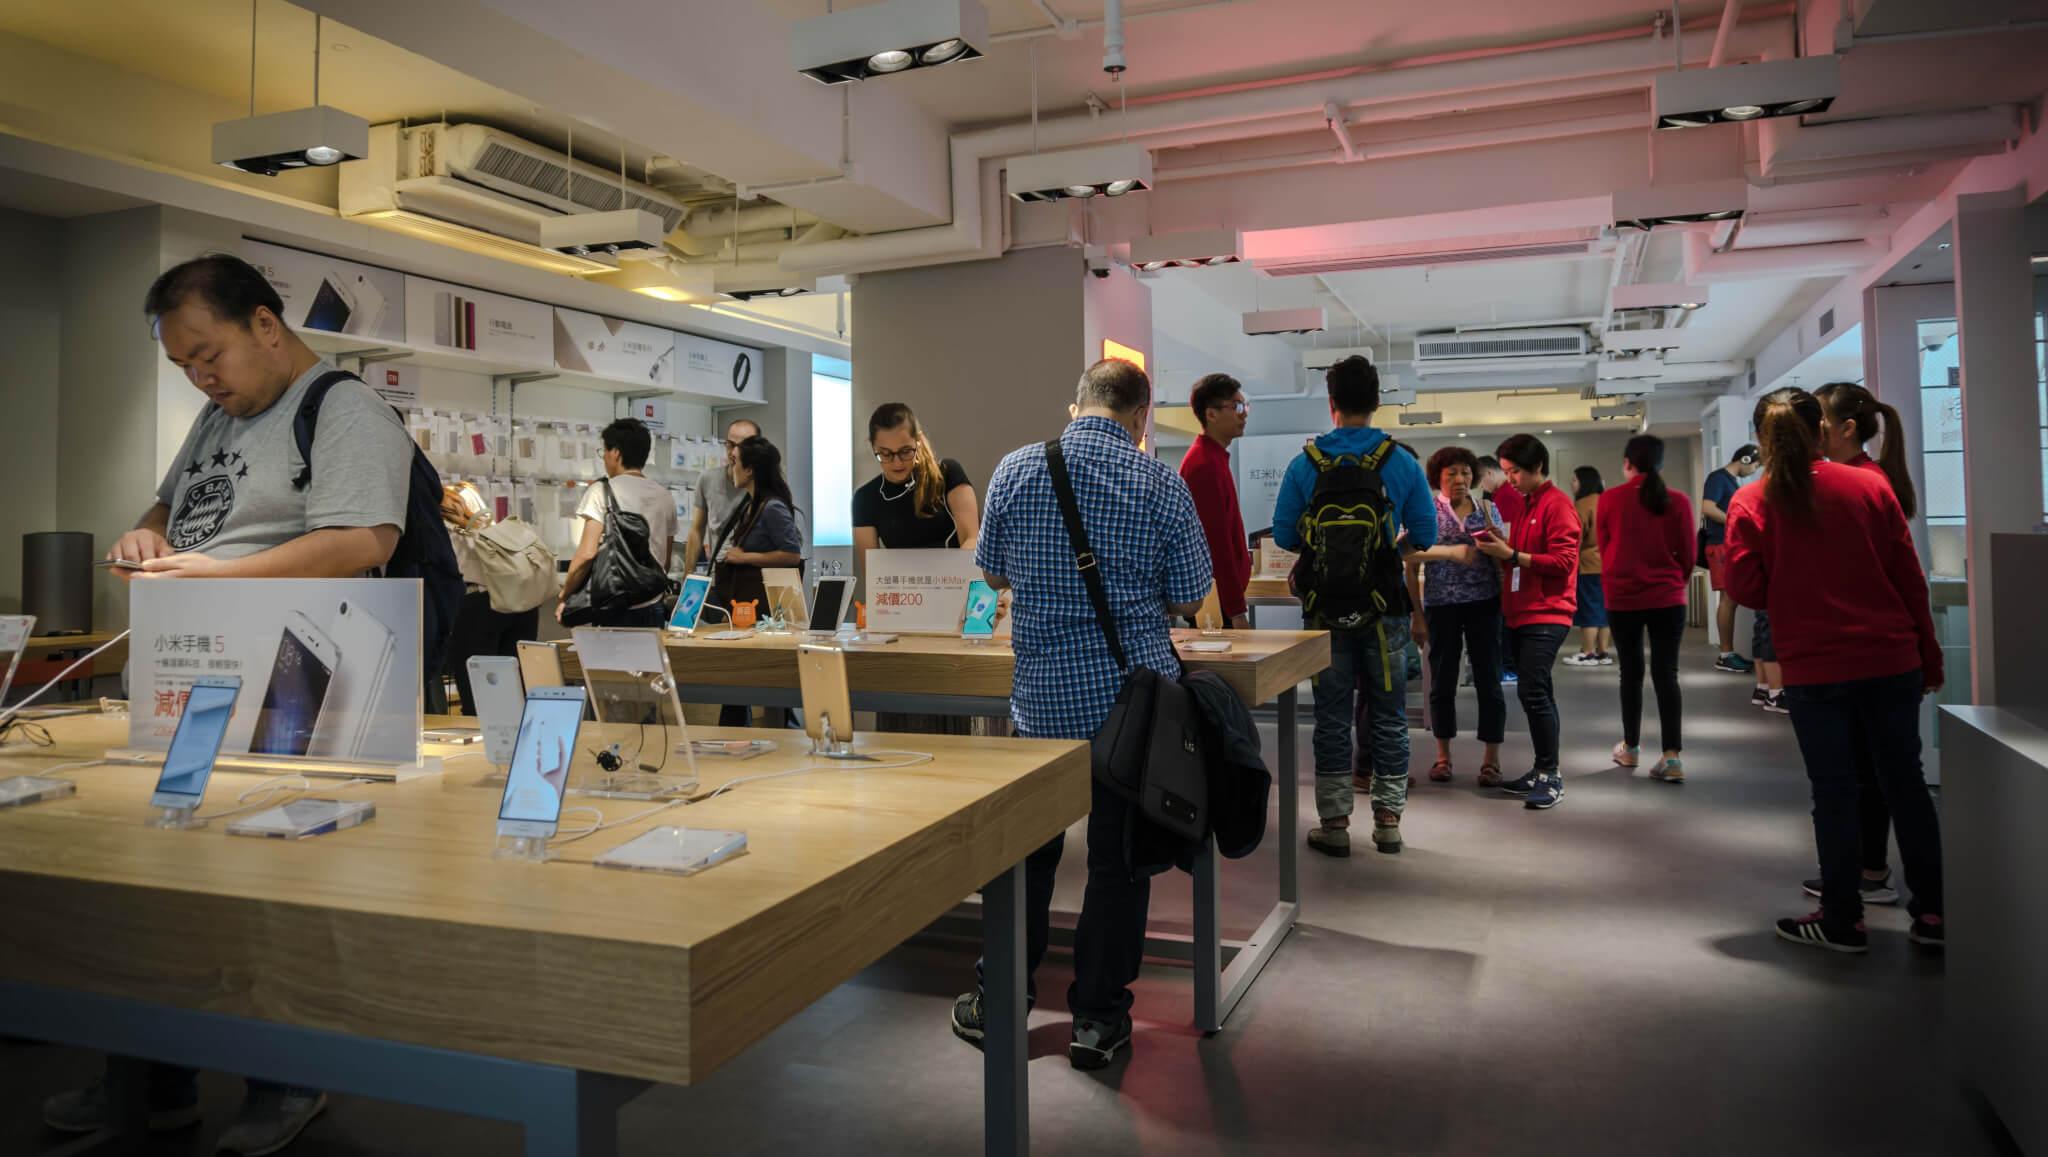 Inside Xiaomi's Mi Home retail store in Hong Kong.